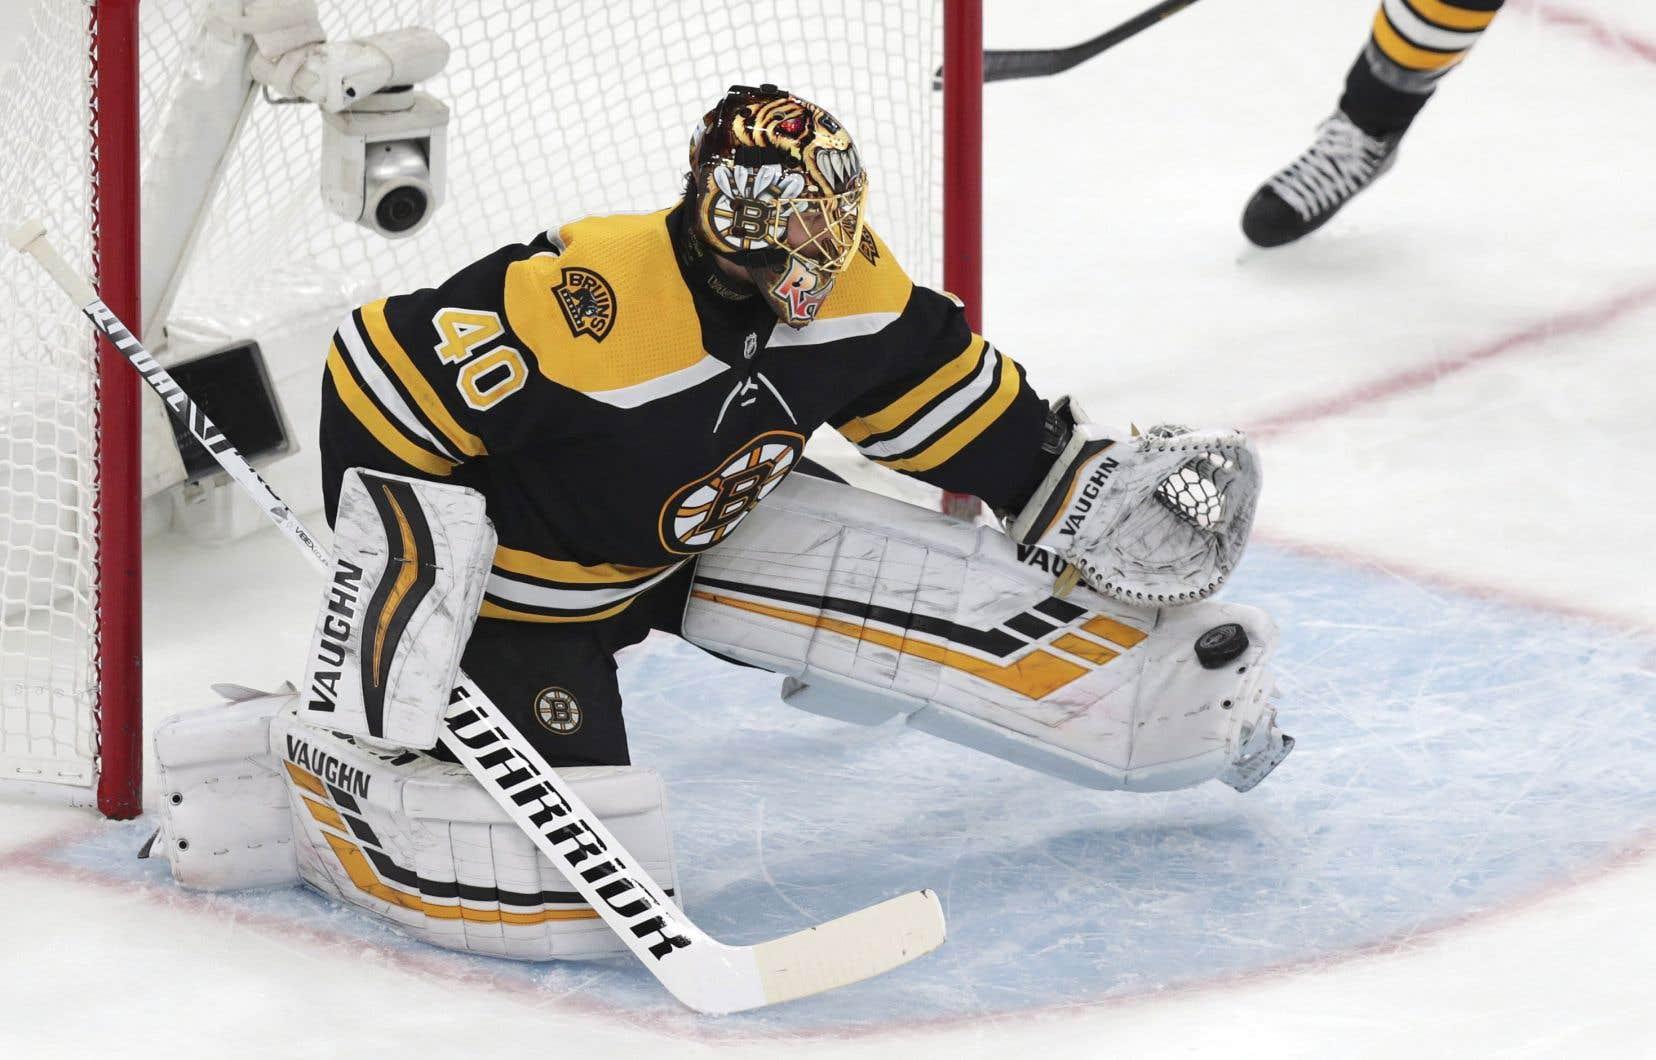 Le gardien des Bruins, Tuukka Rask, a effectué 29 arrêts pendant le match.